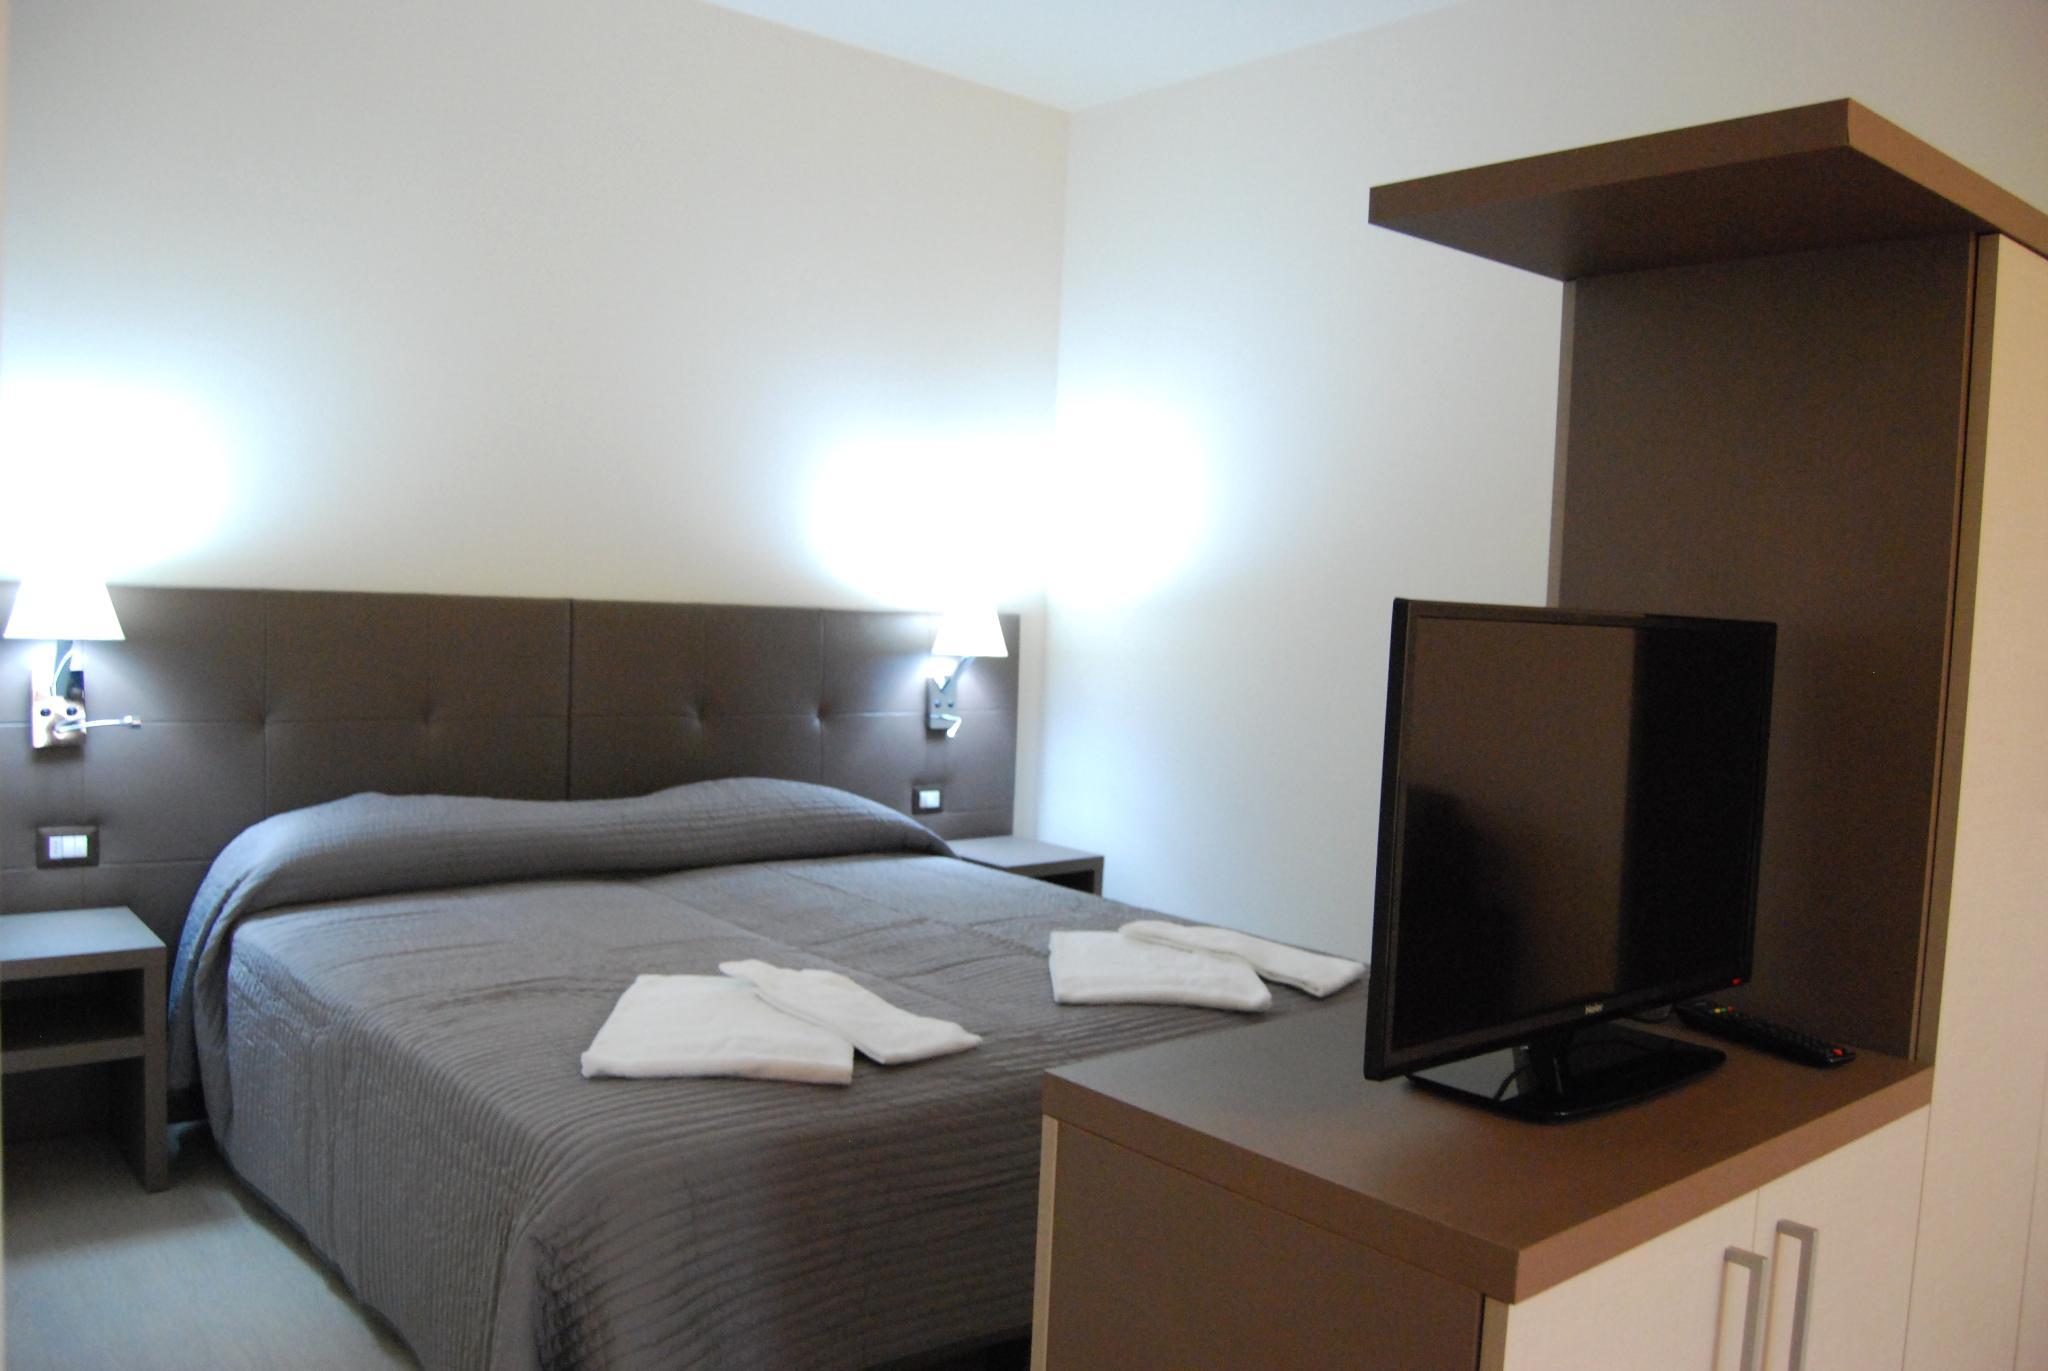 Apartment capacity 2